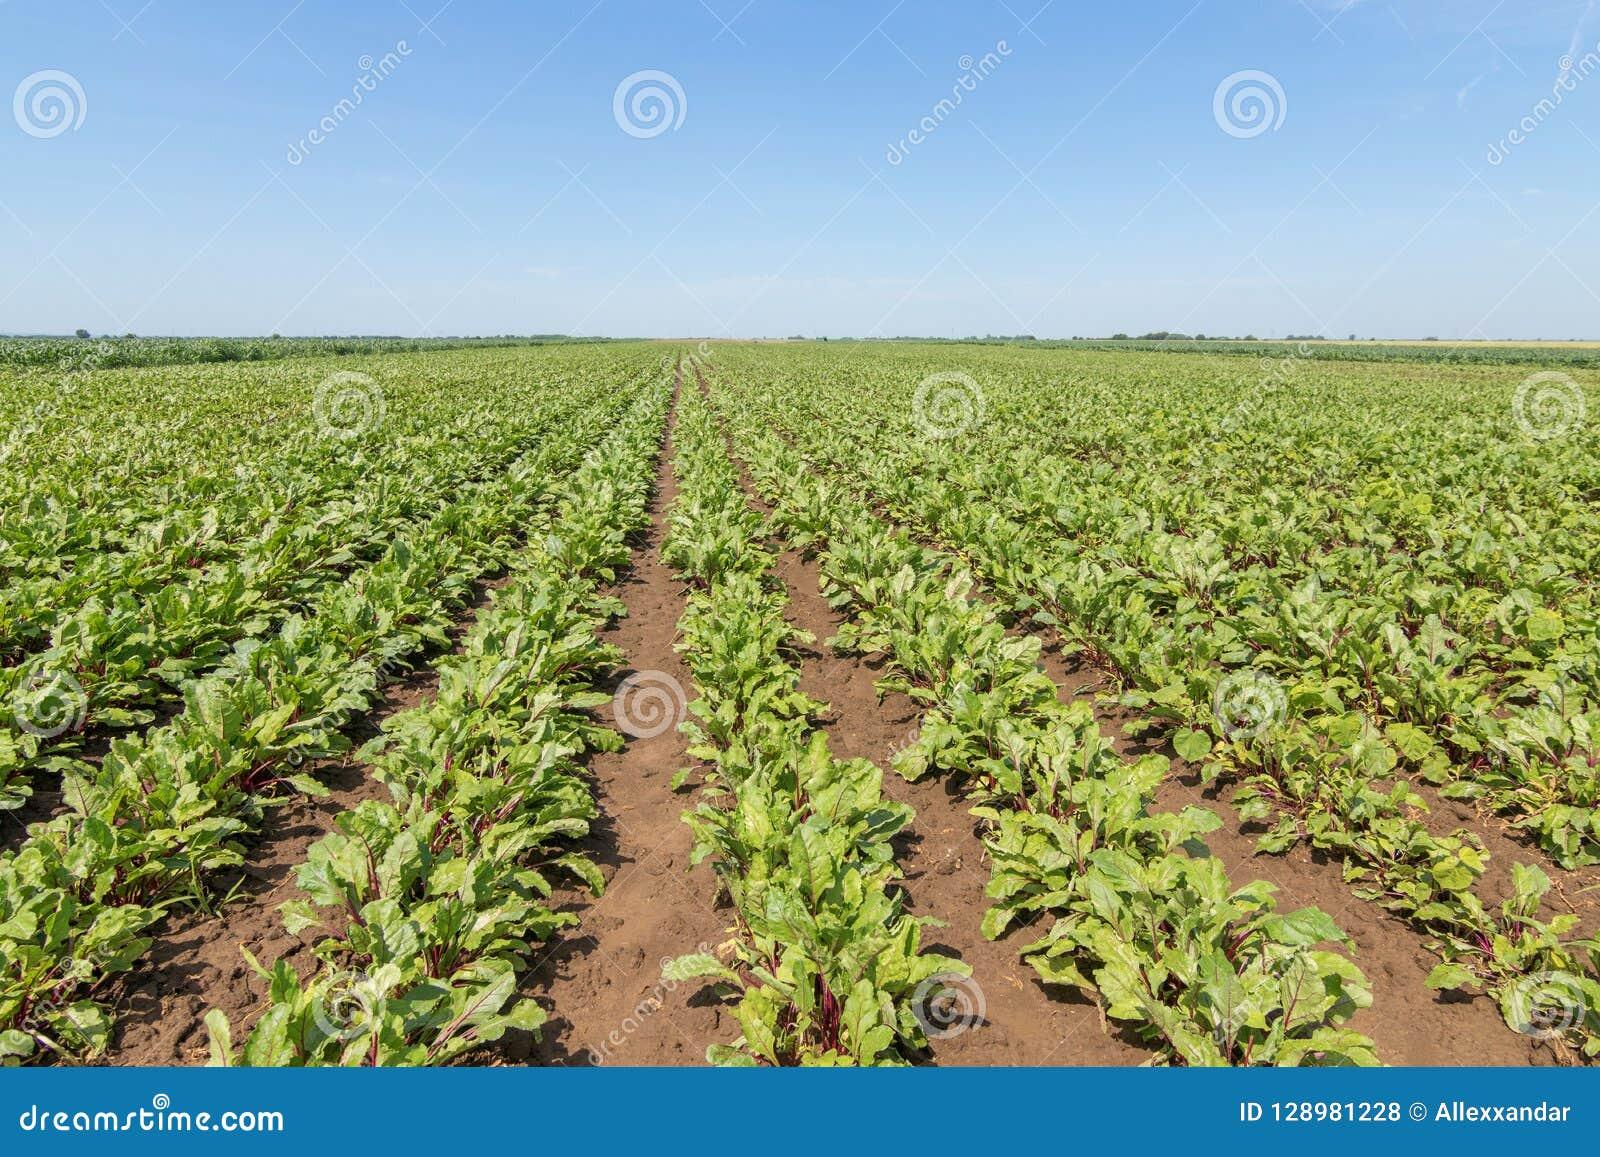 红色甜菜根的领域 年轻绿色甜菜根植物